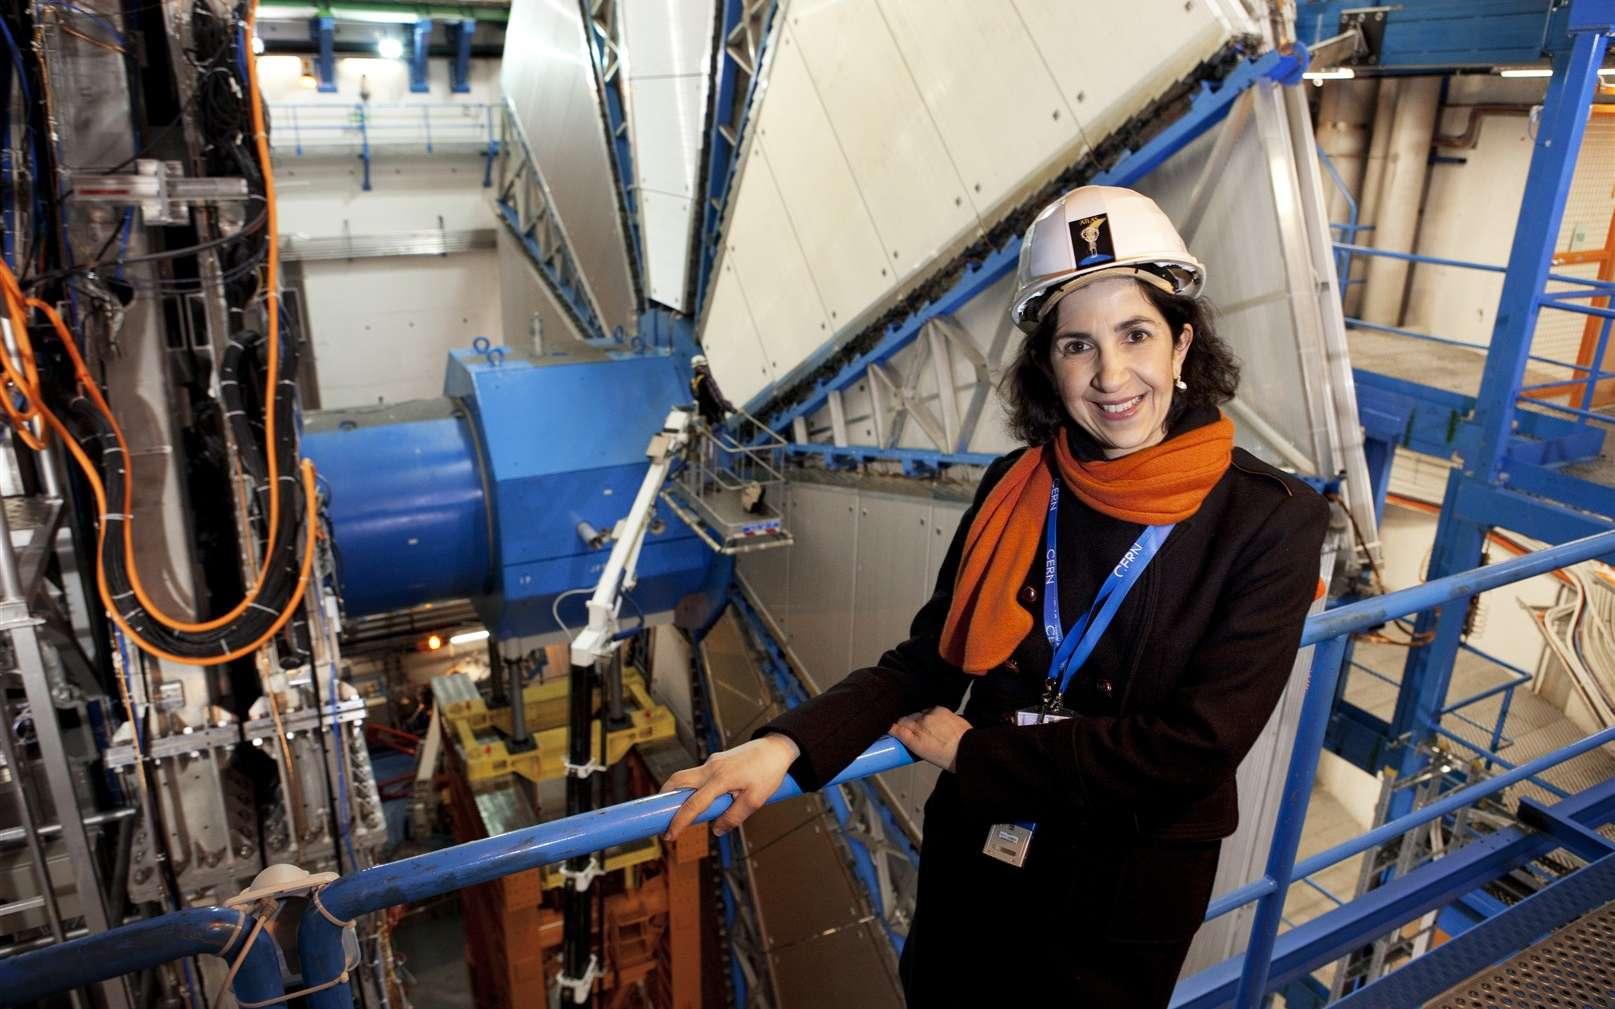 Fabiola Gianotti a commencé sa carrière de physicienne à la fin des années 1980 en travaillant sur les données de l'expérience UA2, l'un de celles qui a permis aux chercheurs du Cern de découvrir en 1983 les bosons W et Z dont les masses requièrent l'existence du boson de Brout-Englert-Higgs. On la voit ici devant le détecteur Atlas qui lui a permis, avec ses collègues, de découvrir cette mythique particule. © Claudia Marcelloni, Cern